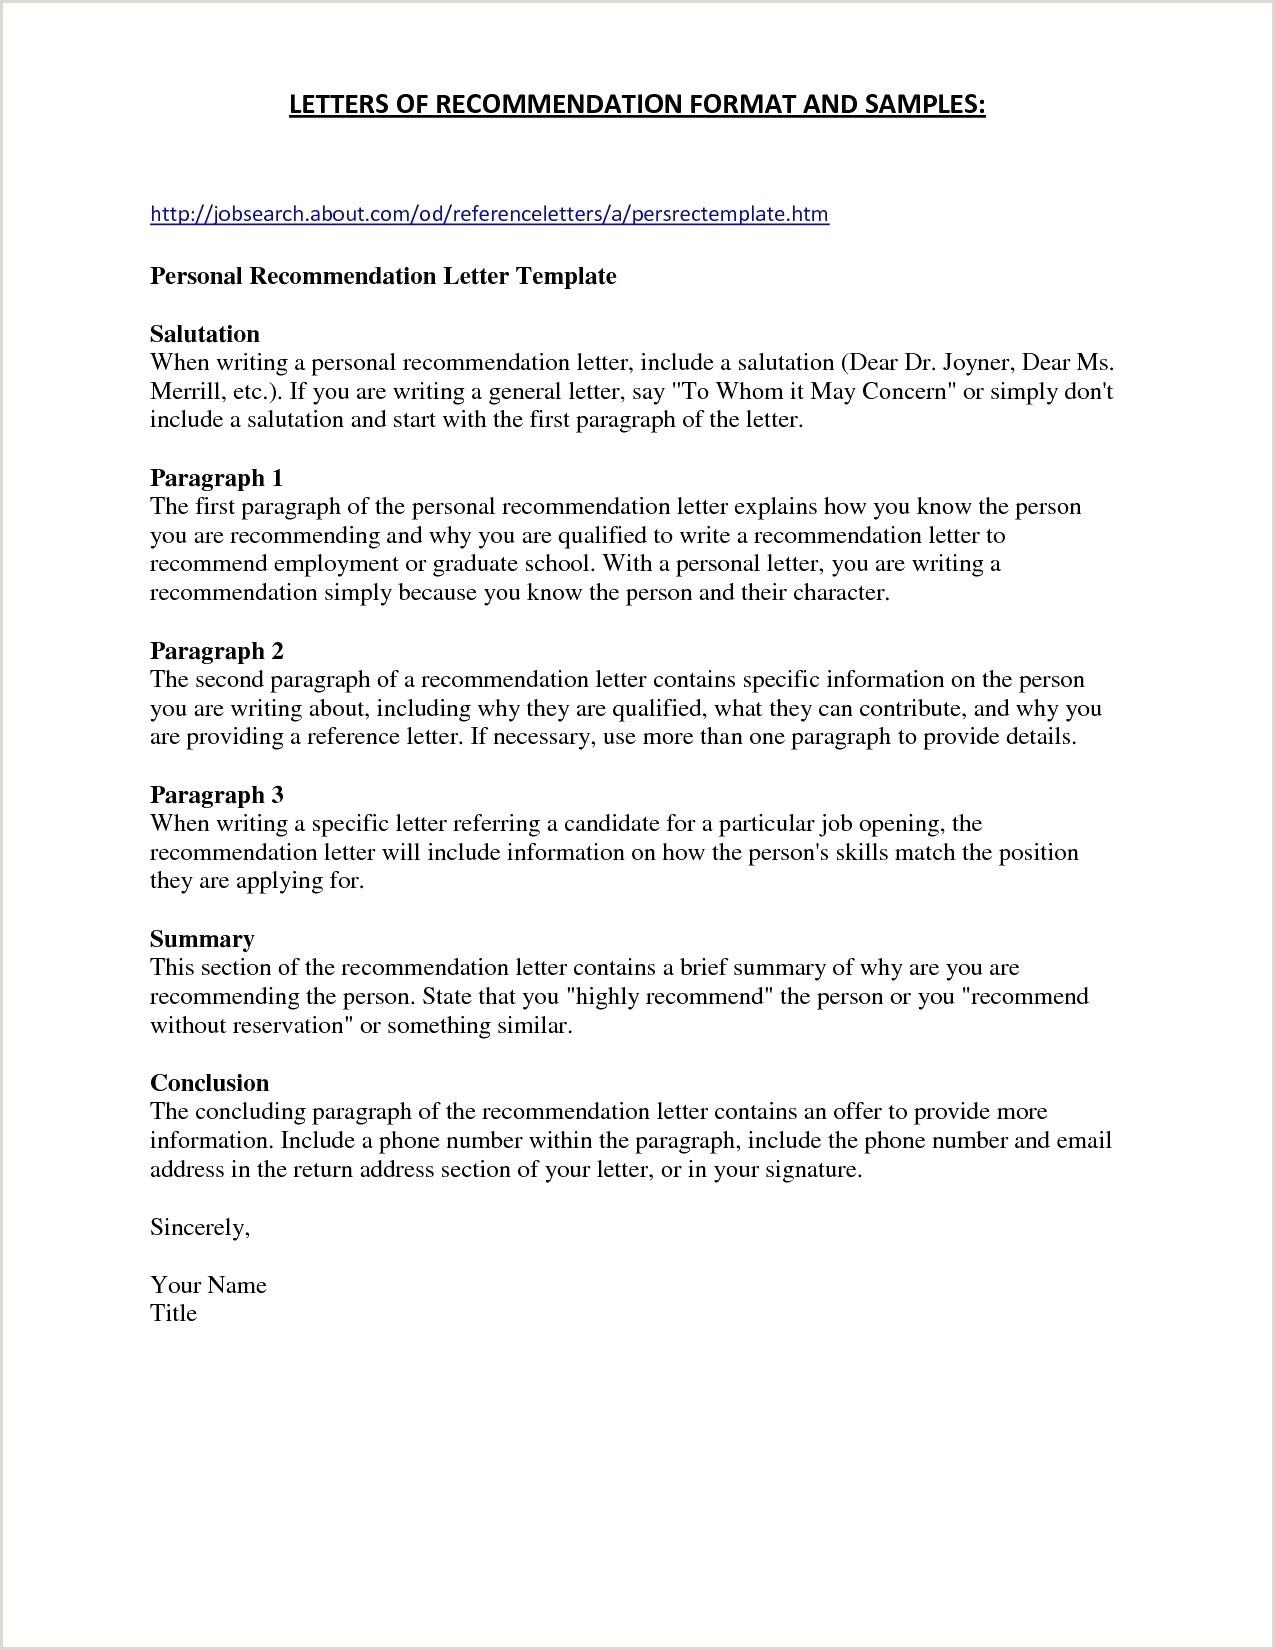 Cfo Resume Template Cv Mise En Page De Base Resume Examples for Finance Director